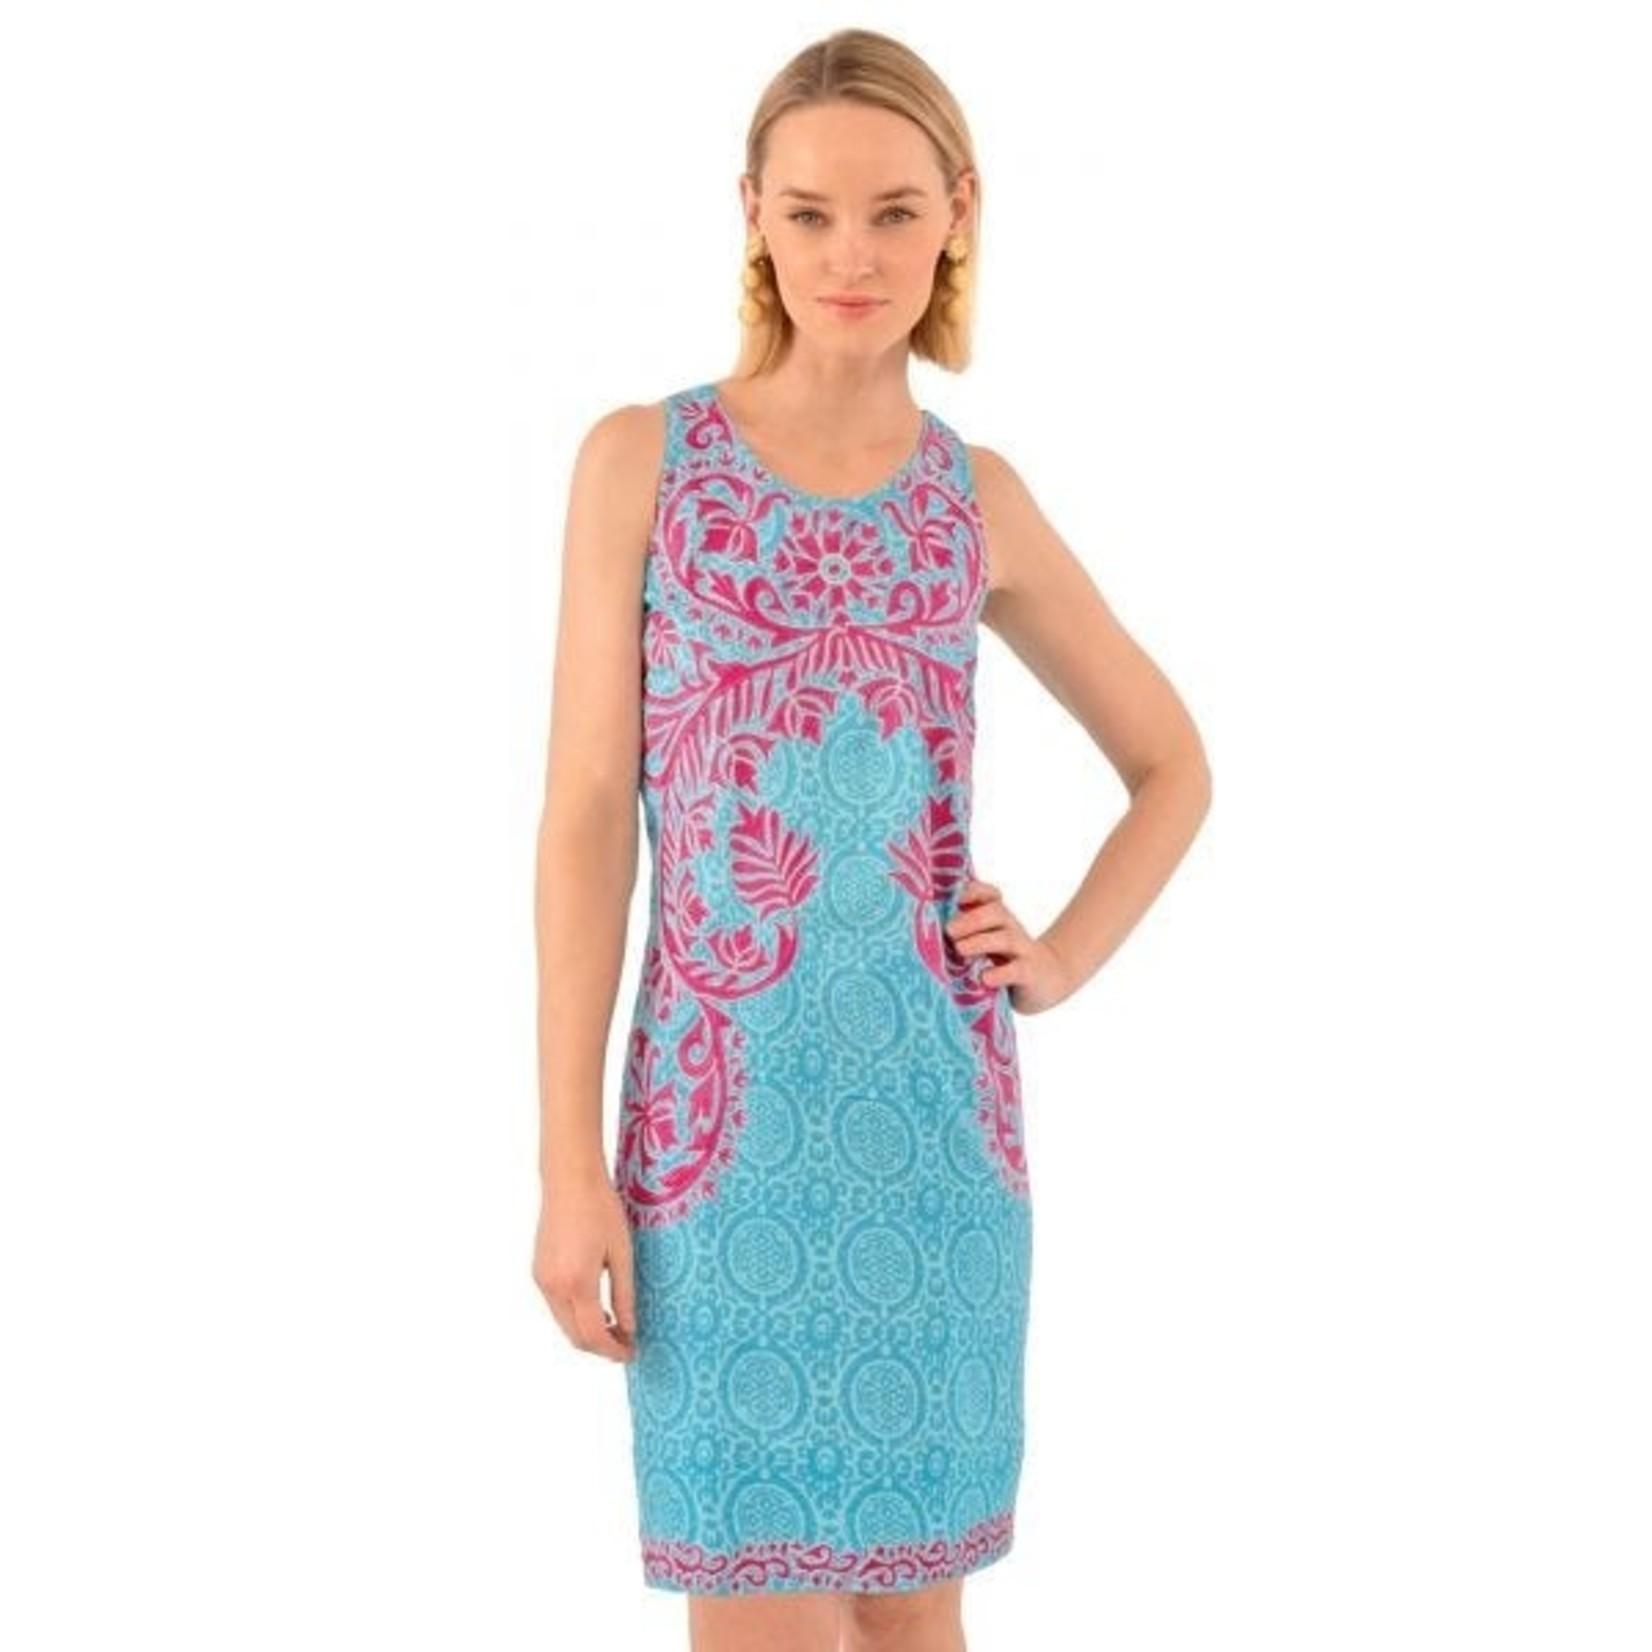 Gretchen Scott Gretchen Scott Curacao Dress